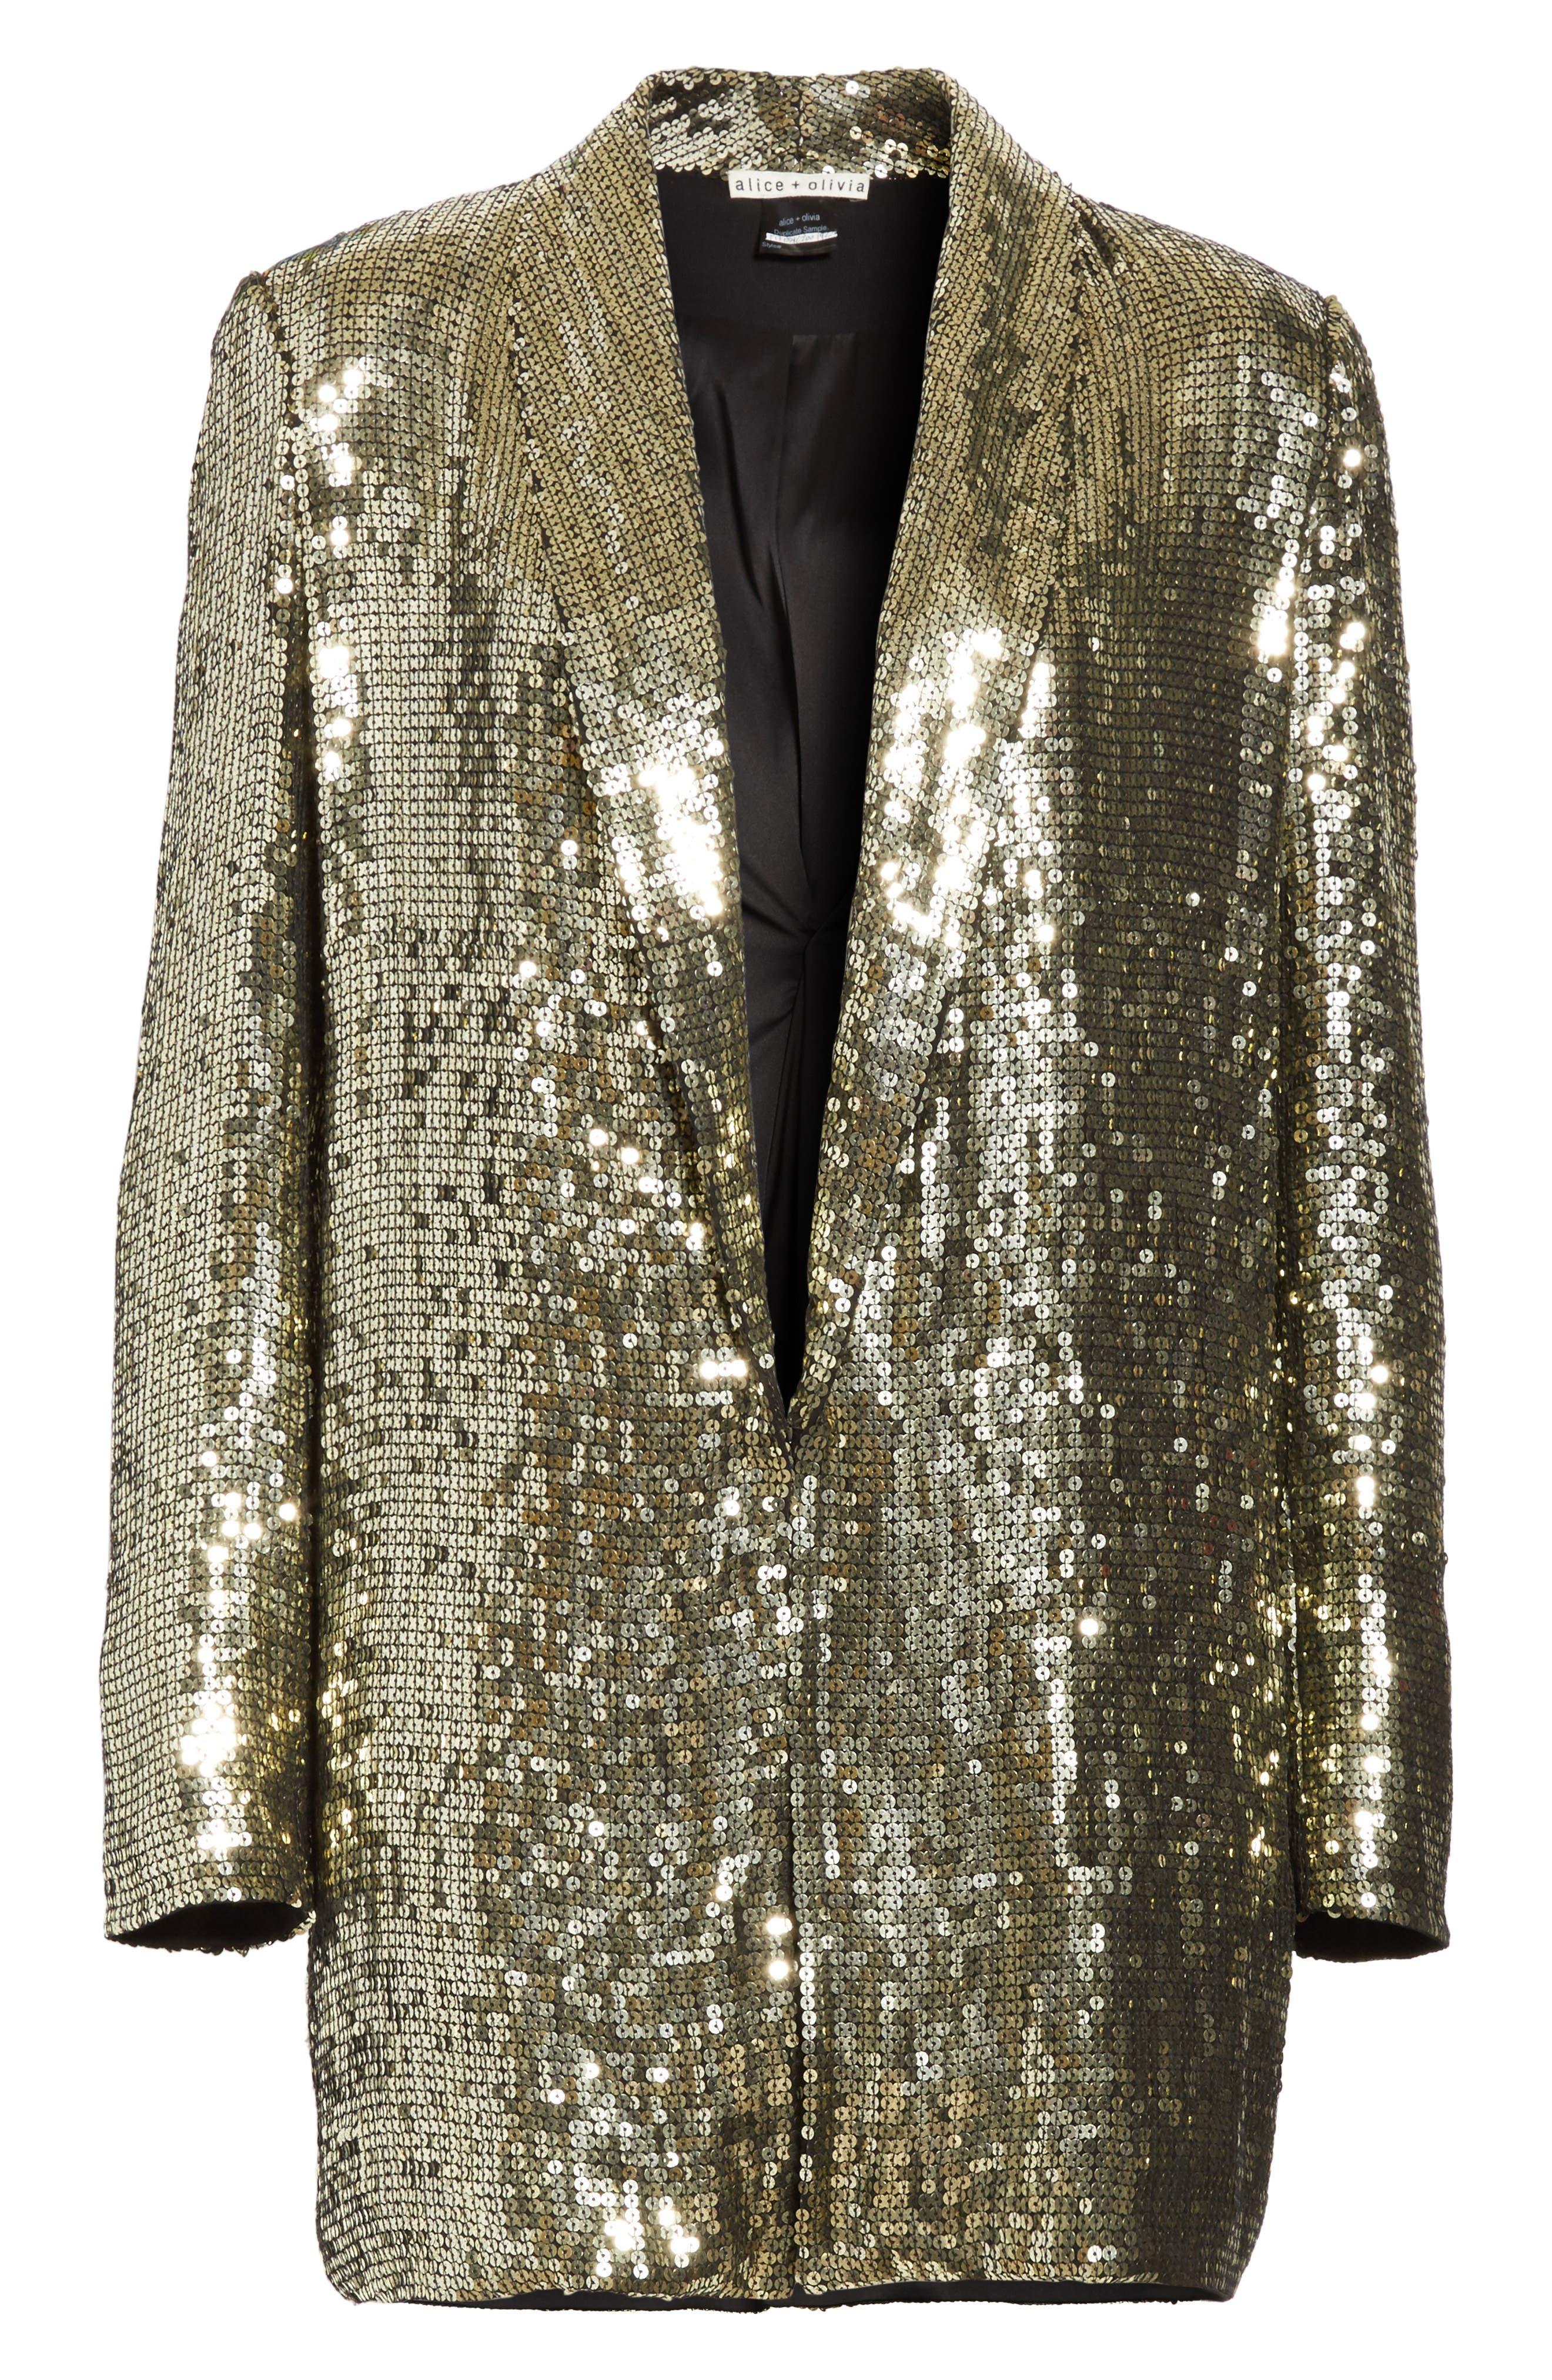 Jace Sequin Embellished Blazer,                             Alternate thumbnail 6, color,                             Gunmetal